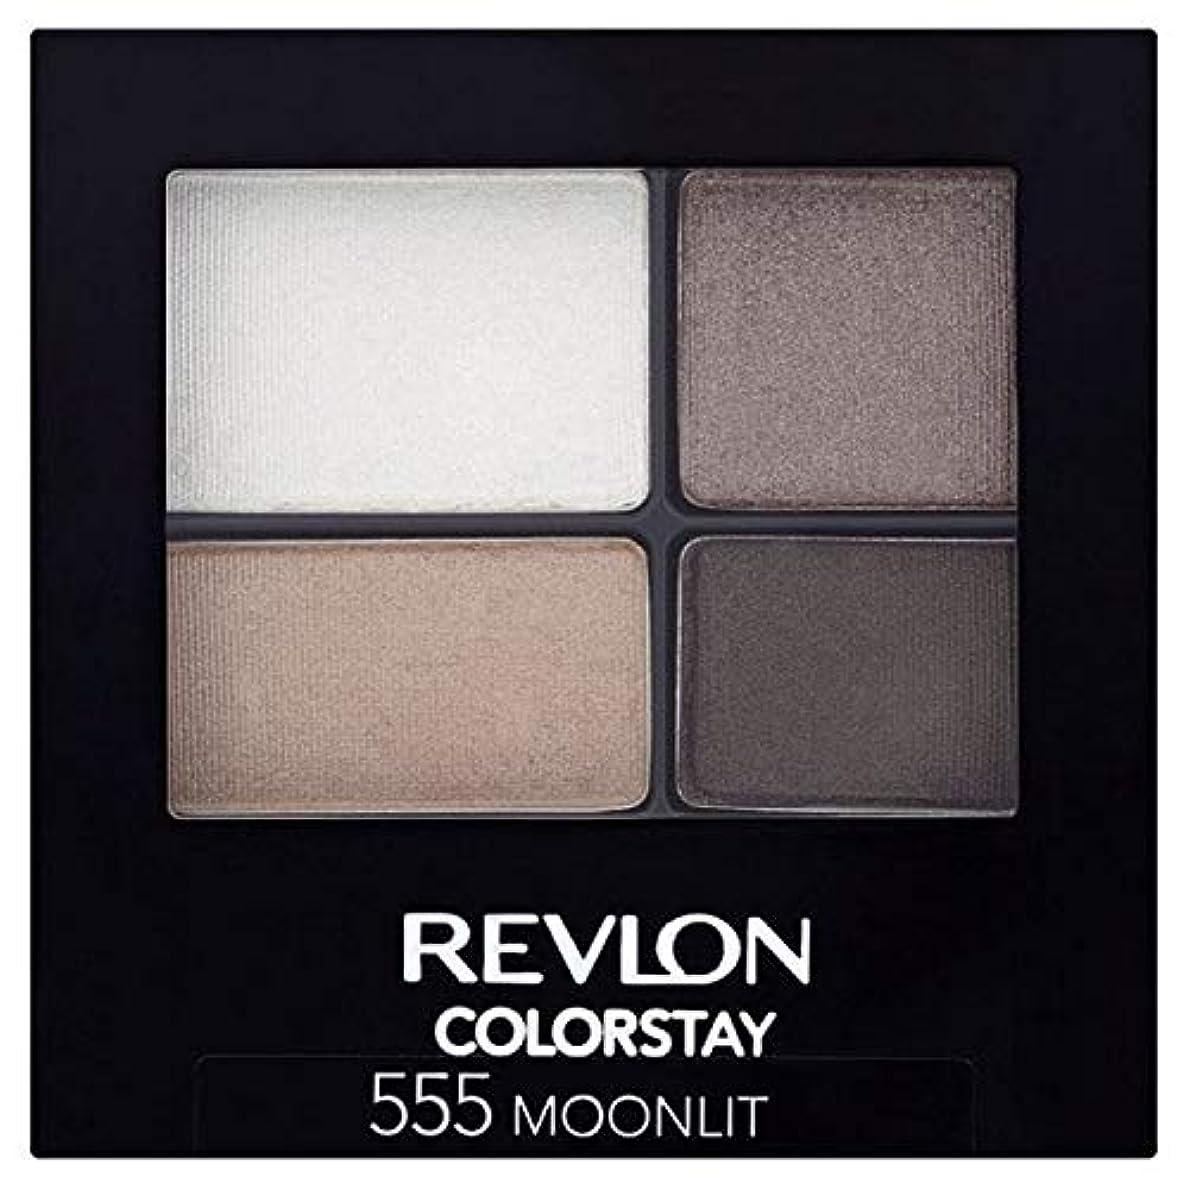 紳士抹消ハイキング[Revlon ] レブロンColorstay 16時間のアイシャドウは555月光 - Revlon Colorstay 16 Hour Eye Shadow Moonlight 555 [並行輸入品]